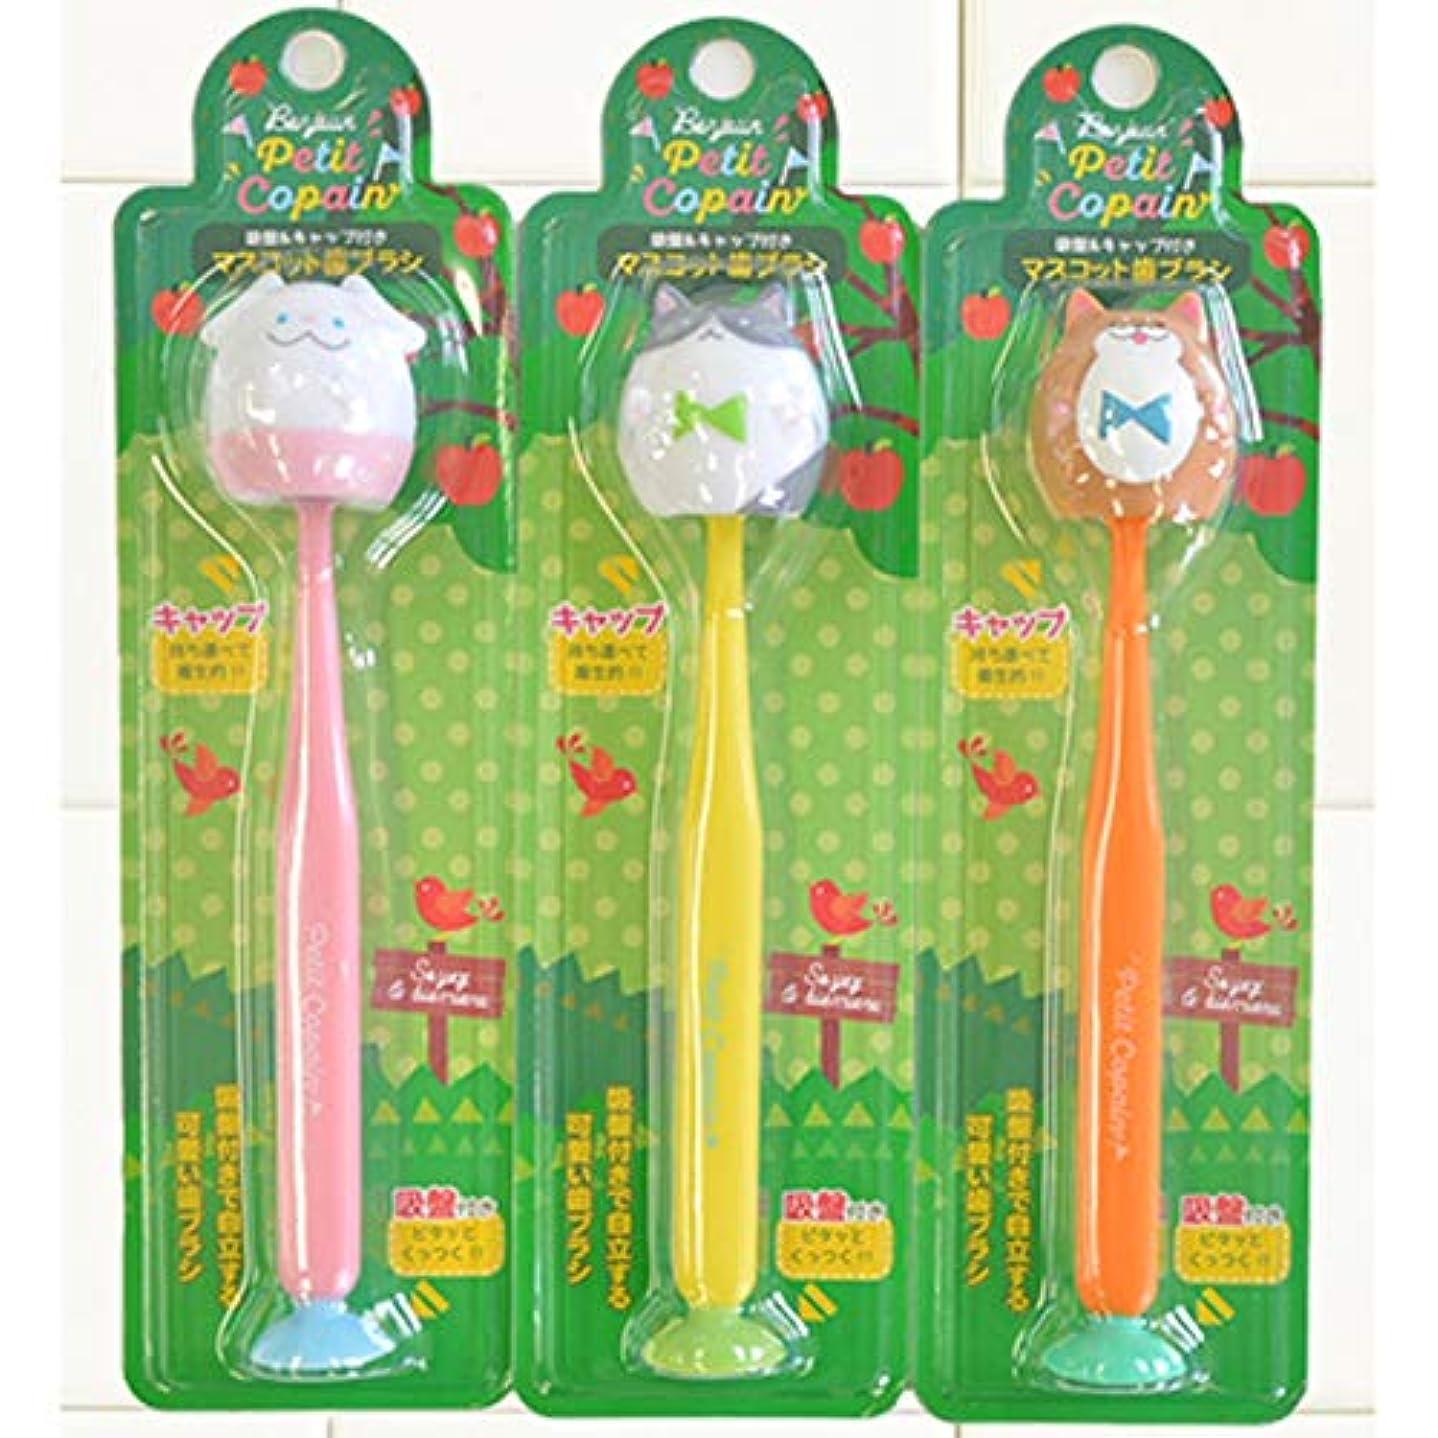 すり先例メッシュプティコパン 吸盤付き歯ブラシ 3本セット(ウサギ?ネコ?シバイヌ)